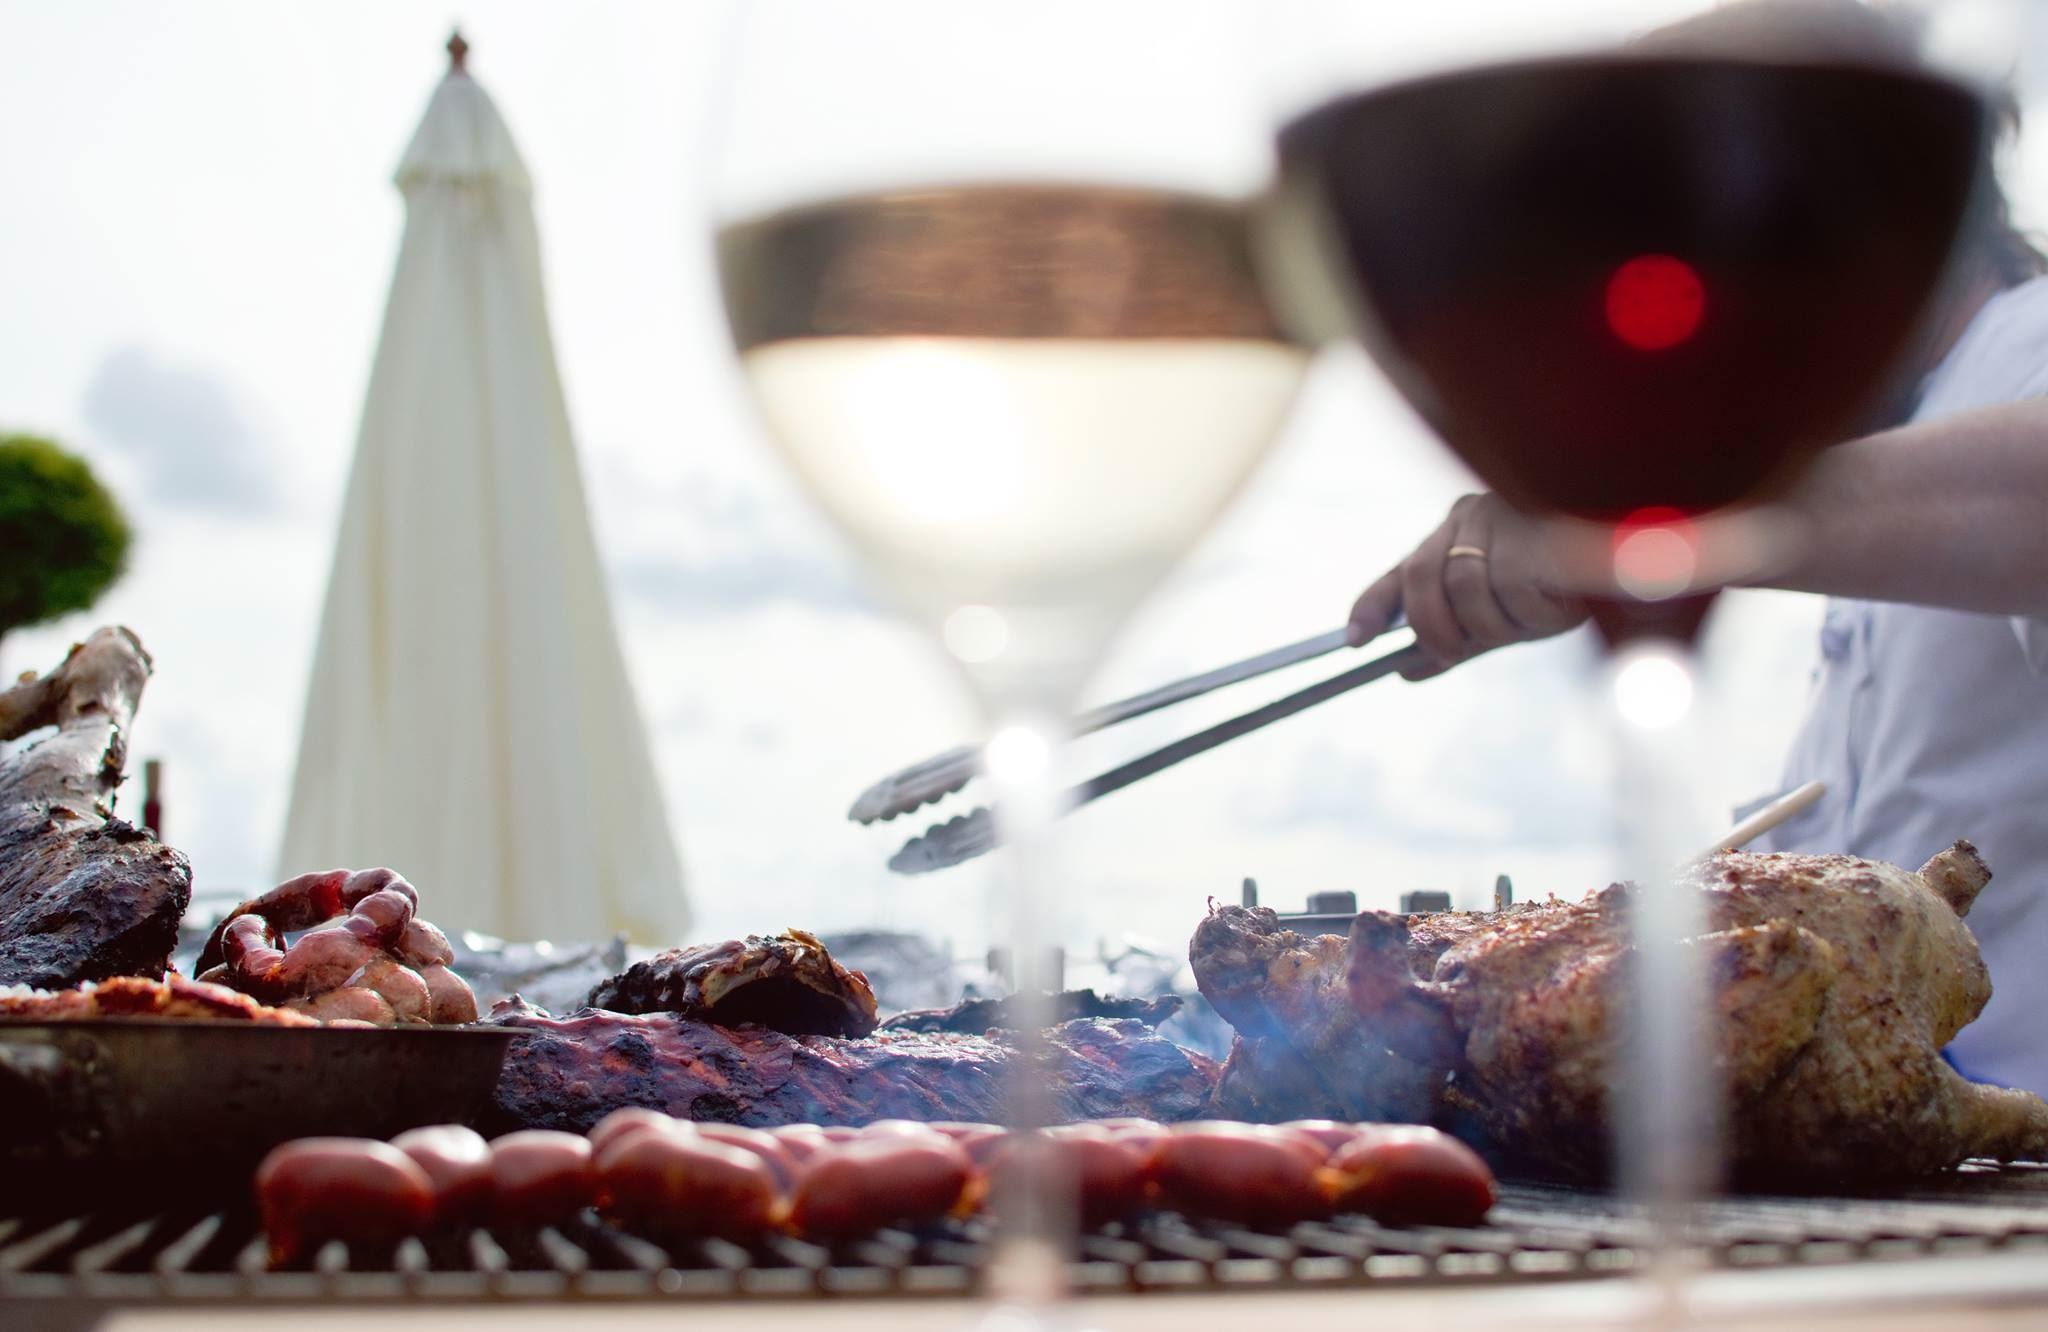 Vårprovning, mat- och vinfestival